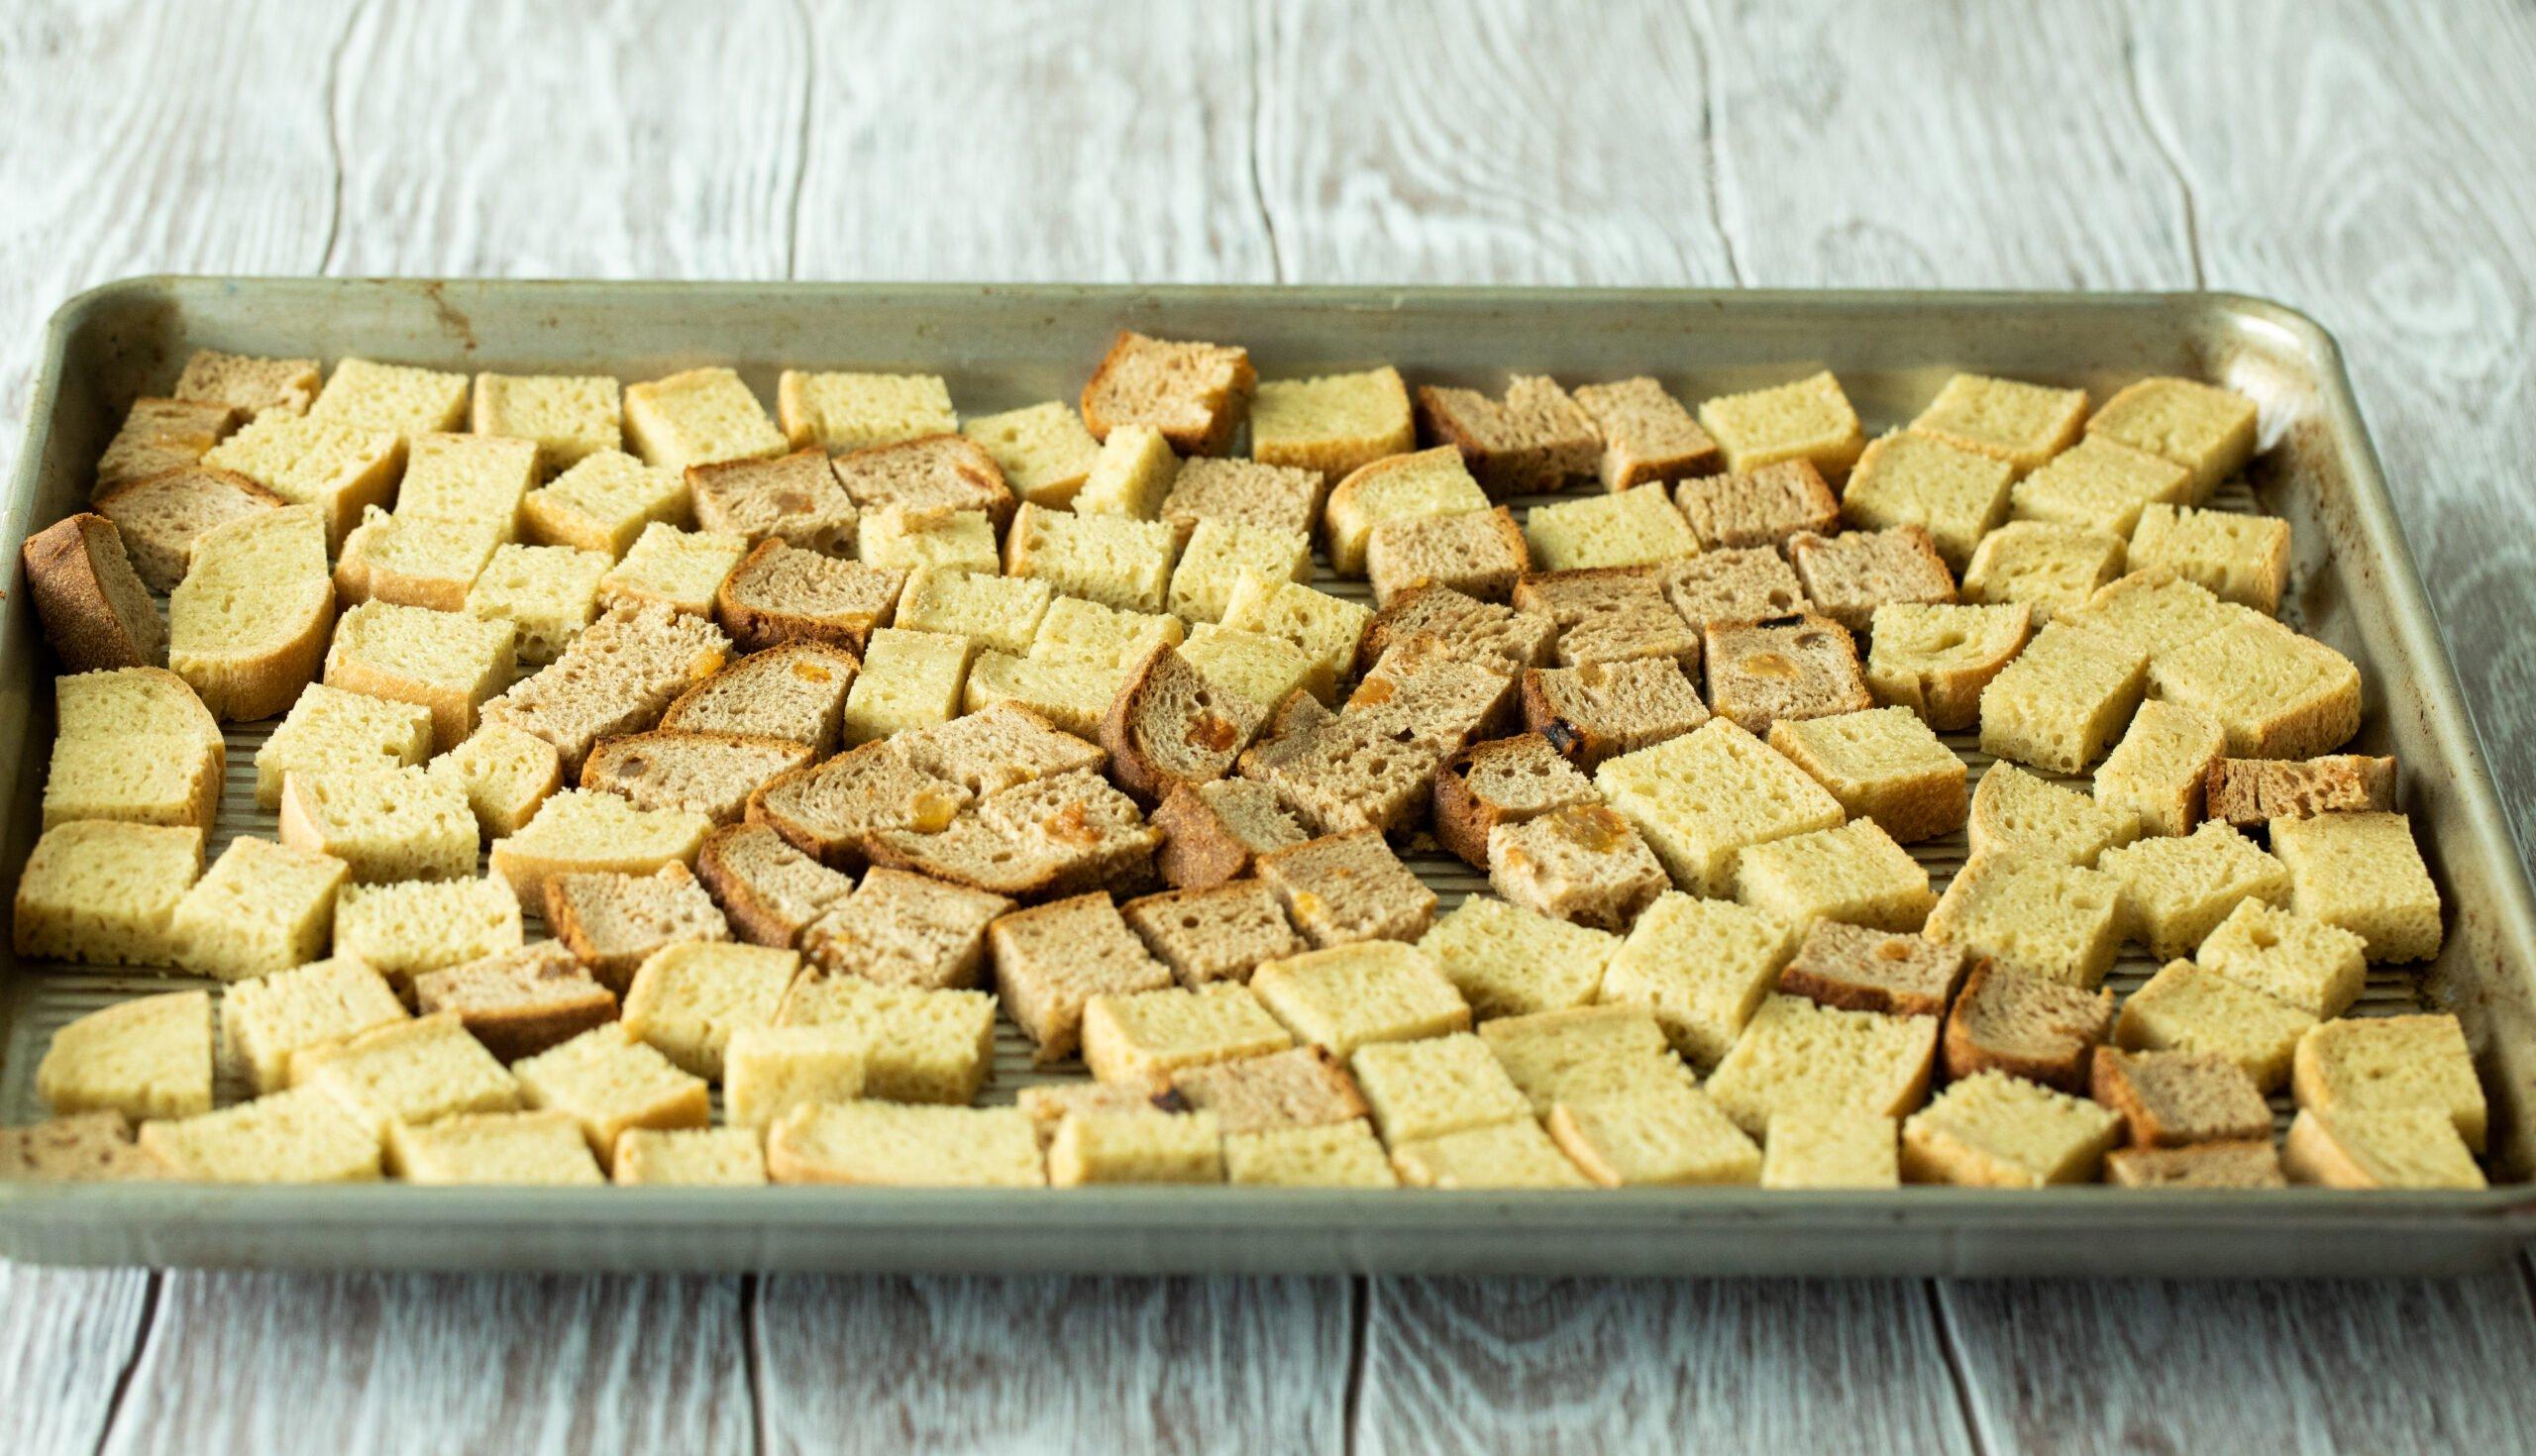 CUT GLUTEN-FREE BREAD